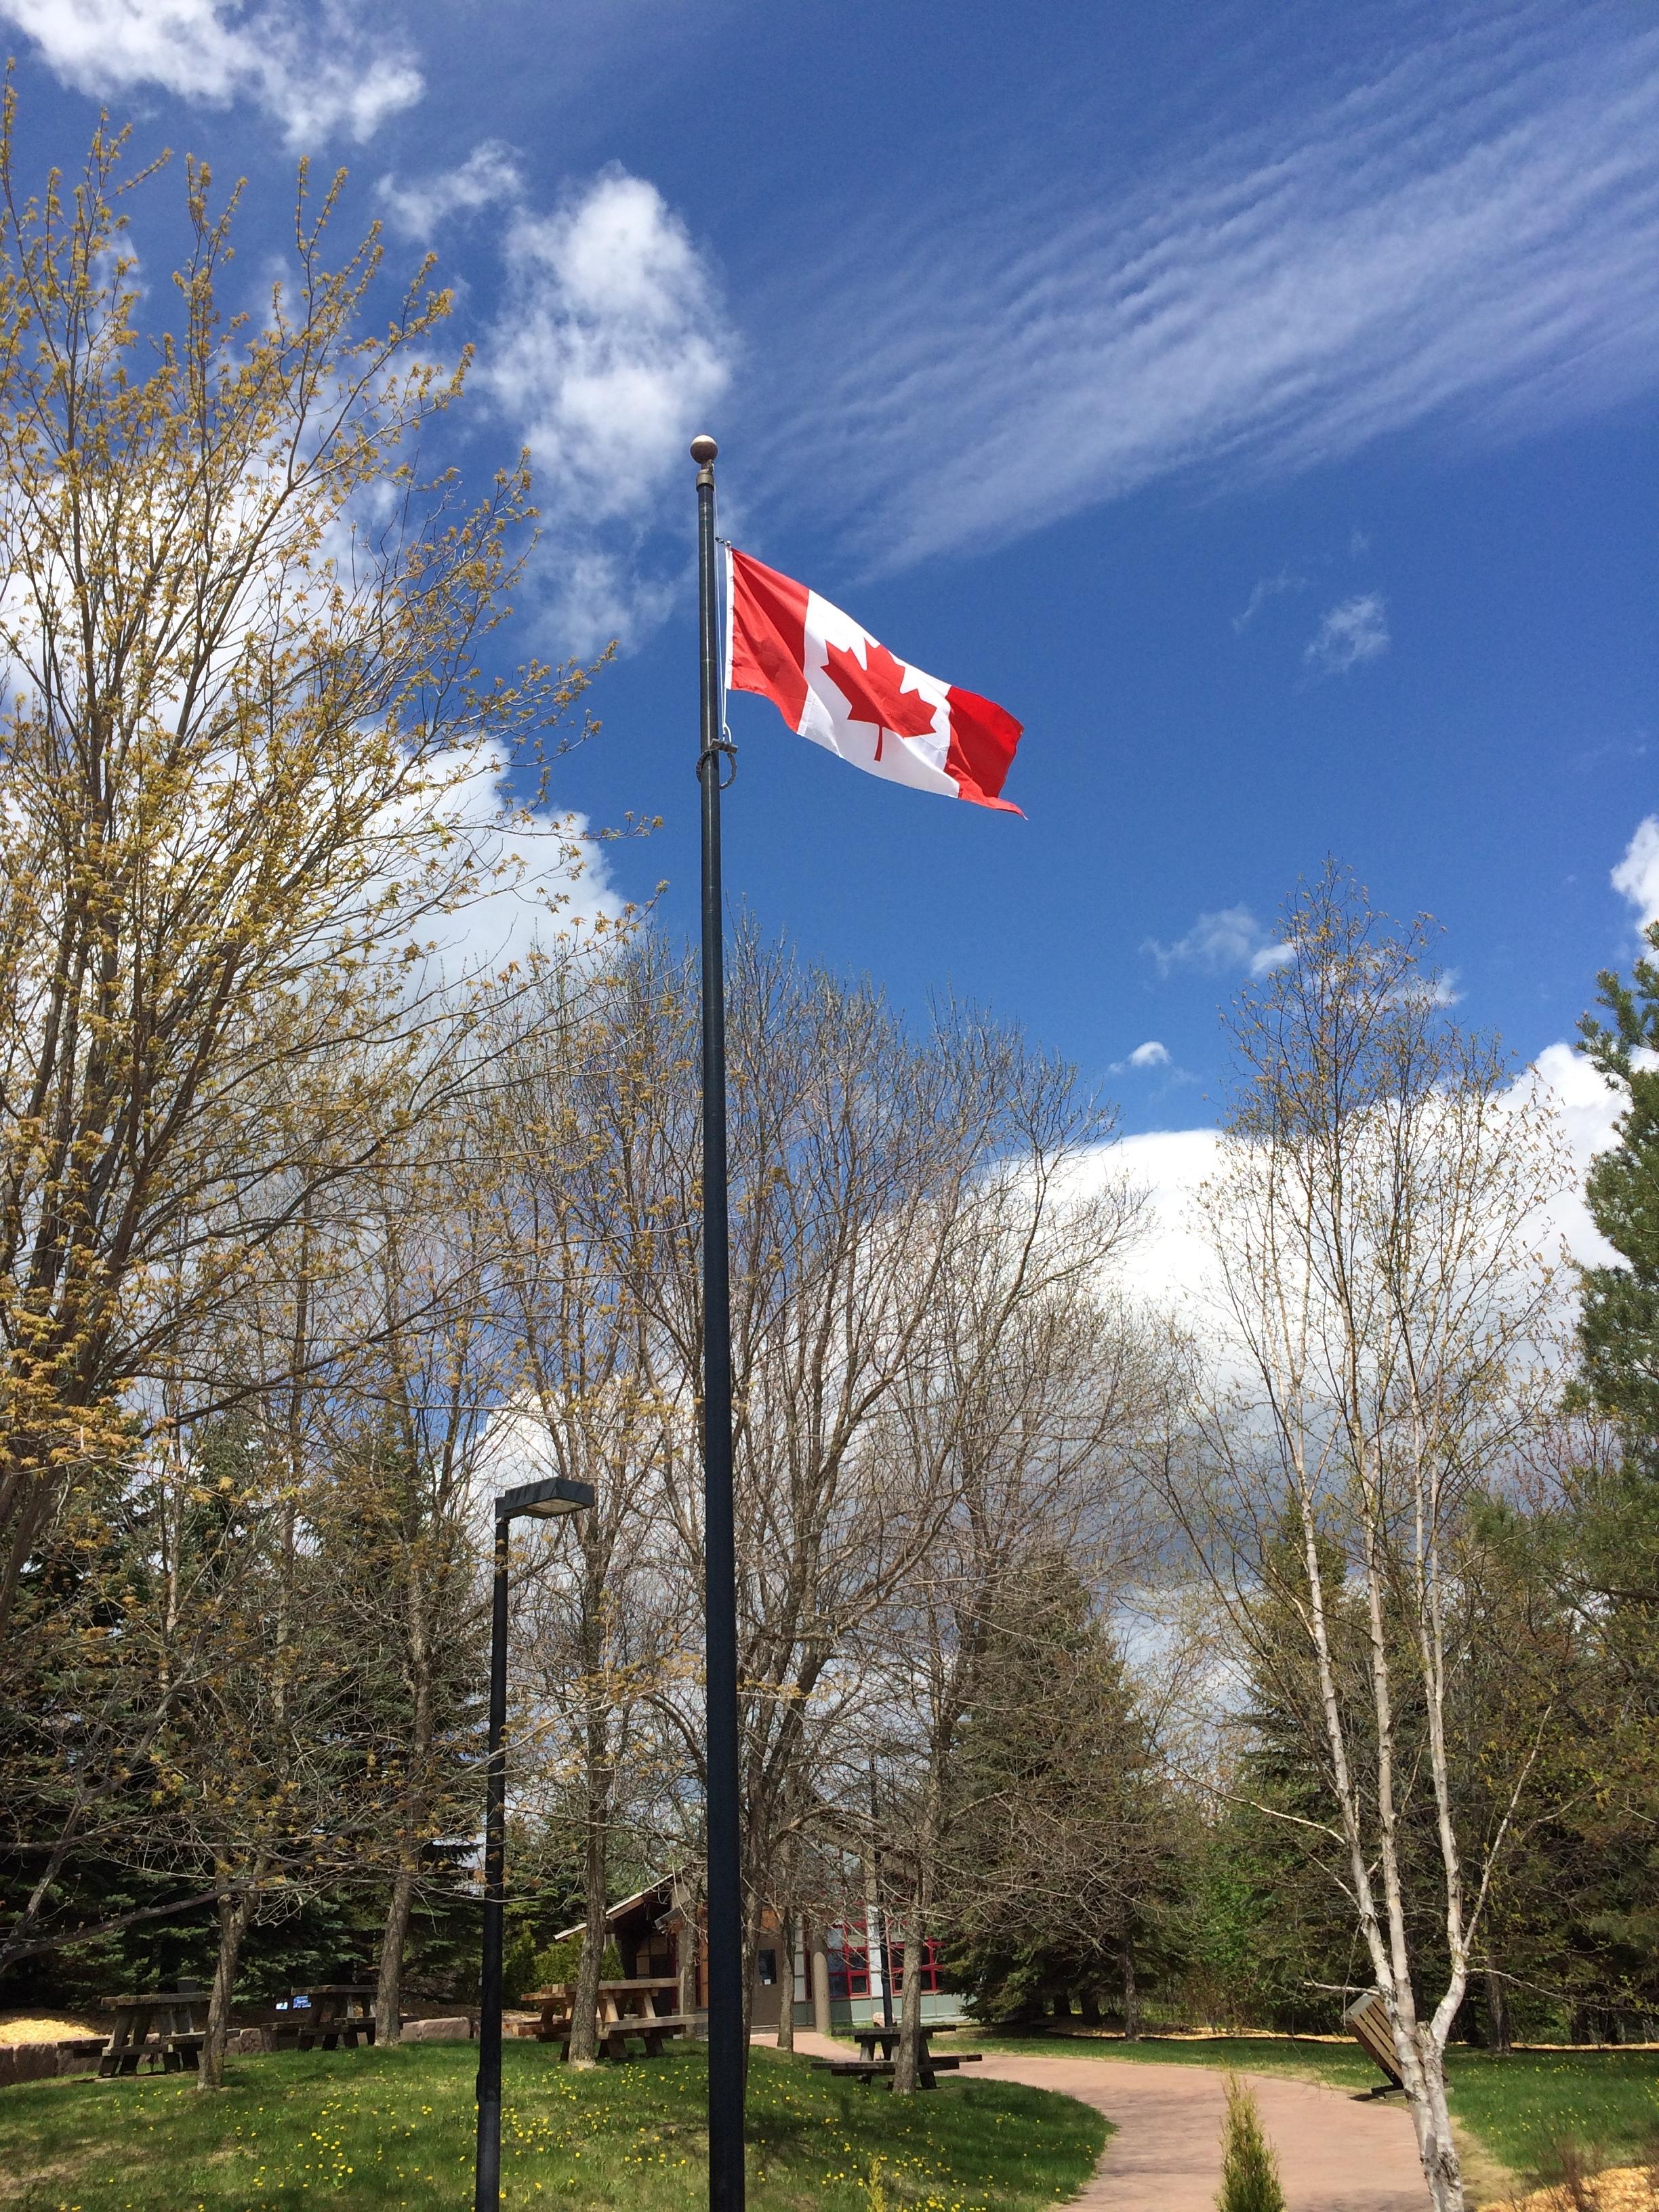 #CANADA150